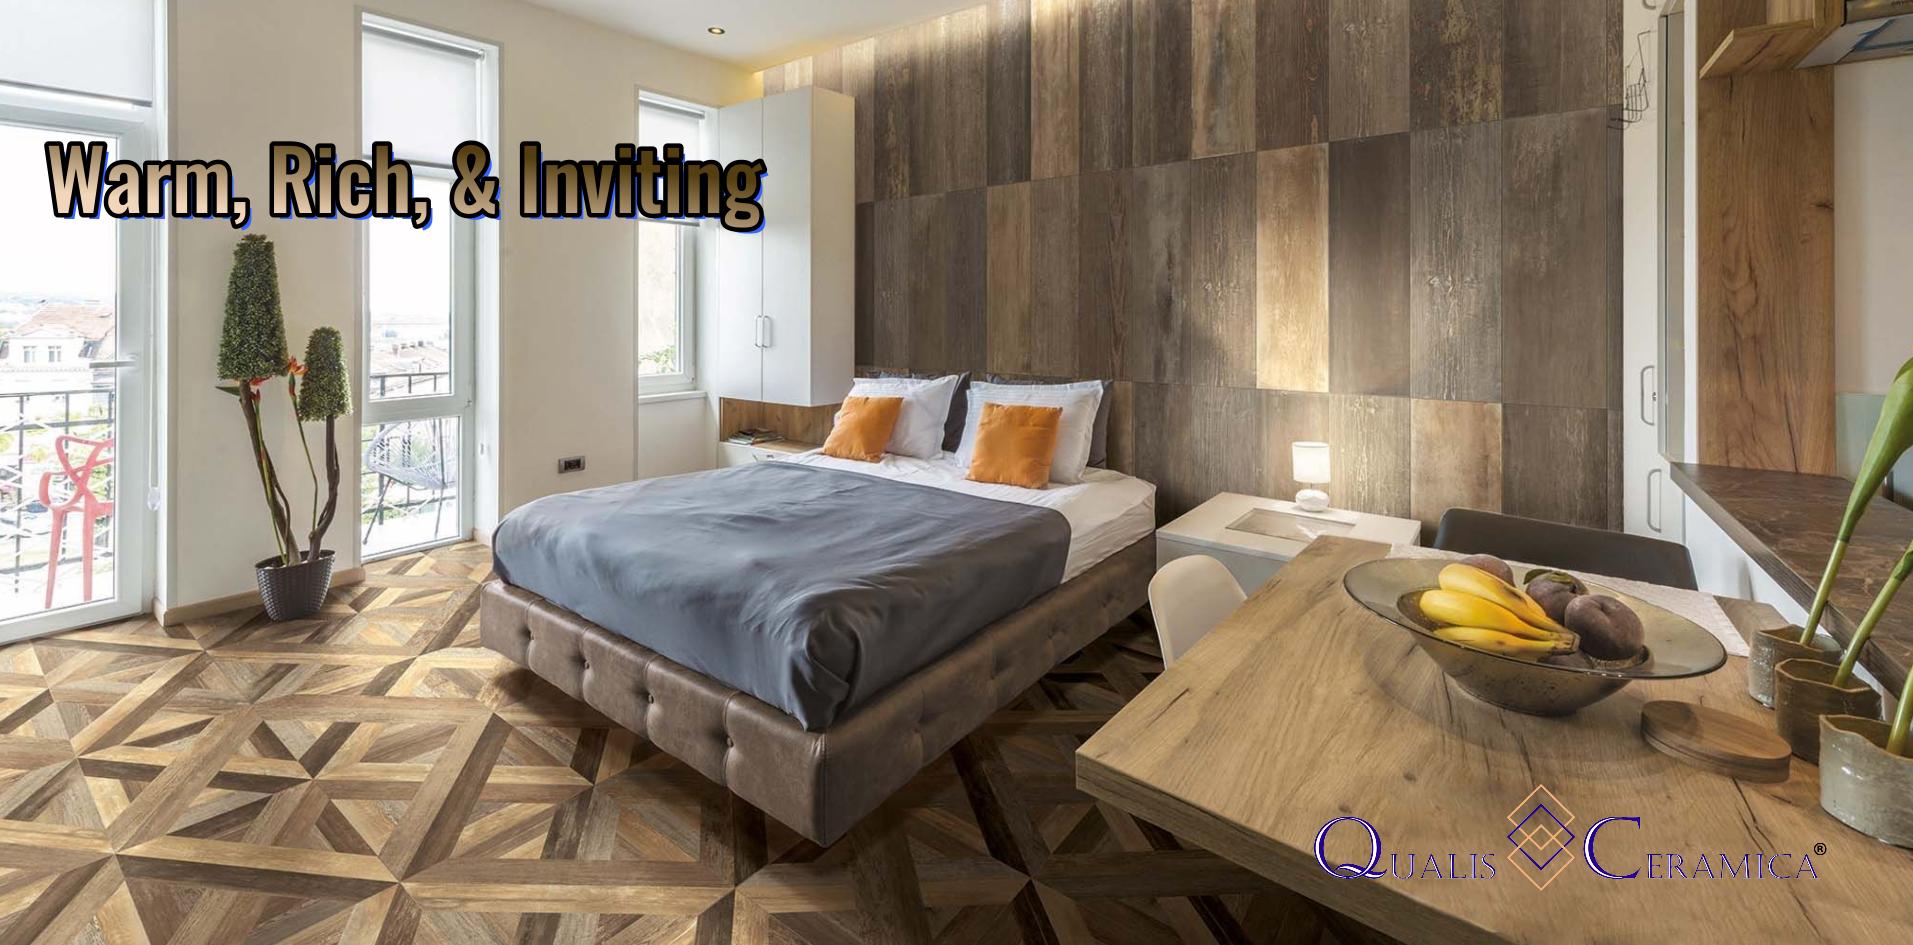 Master Bedroom Floor Tile Idea Qualis Ceramica Highland Aurora Multi Parquet 24x24 9x36 Wall Bedroom Floor Tiles Bedroom Flooring Parquet Design